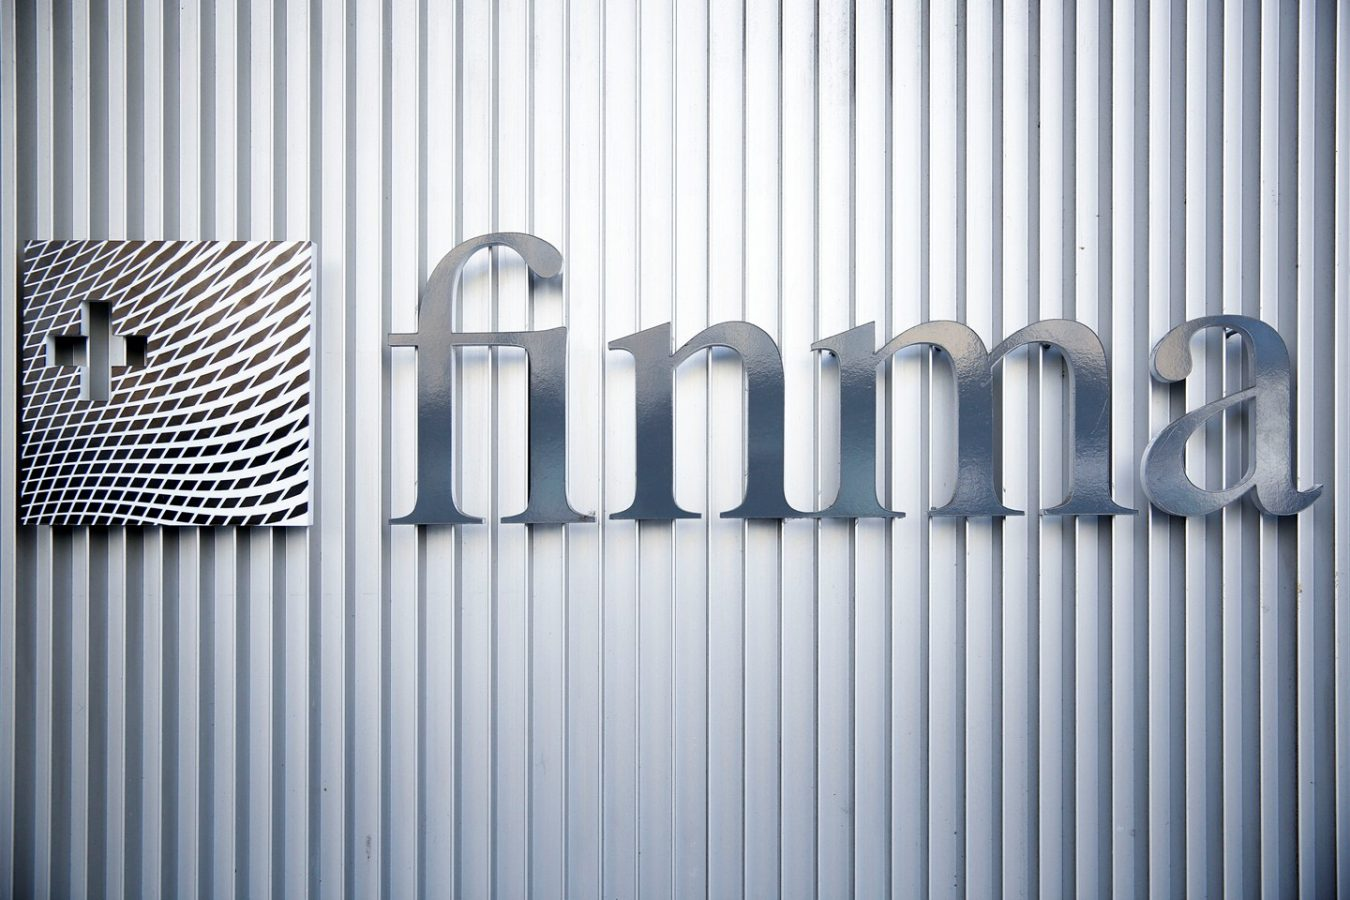 Linee guida ufficiali FINMA per le ICO in Svizzera - Linee guida ufficiali FINMA per le ICO in Svizzera: oggi la pubblicazione